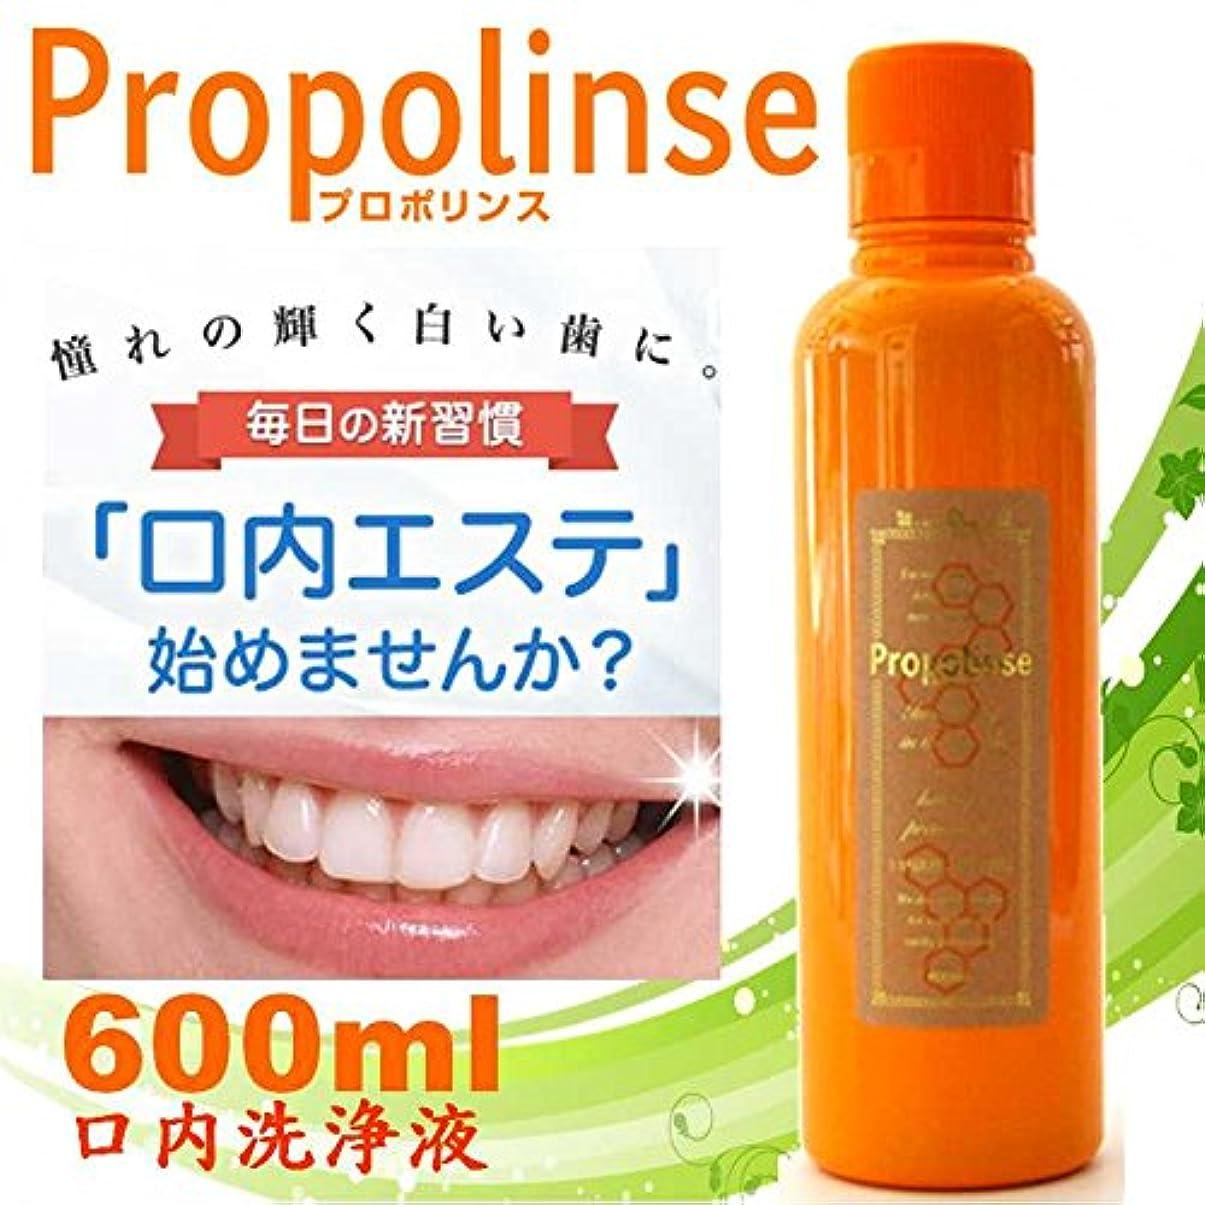 地下沿って徹底Propolinse プロポリンス 600ml×30本 洗口液 口内洗浄